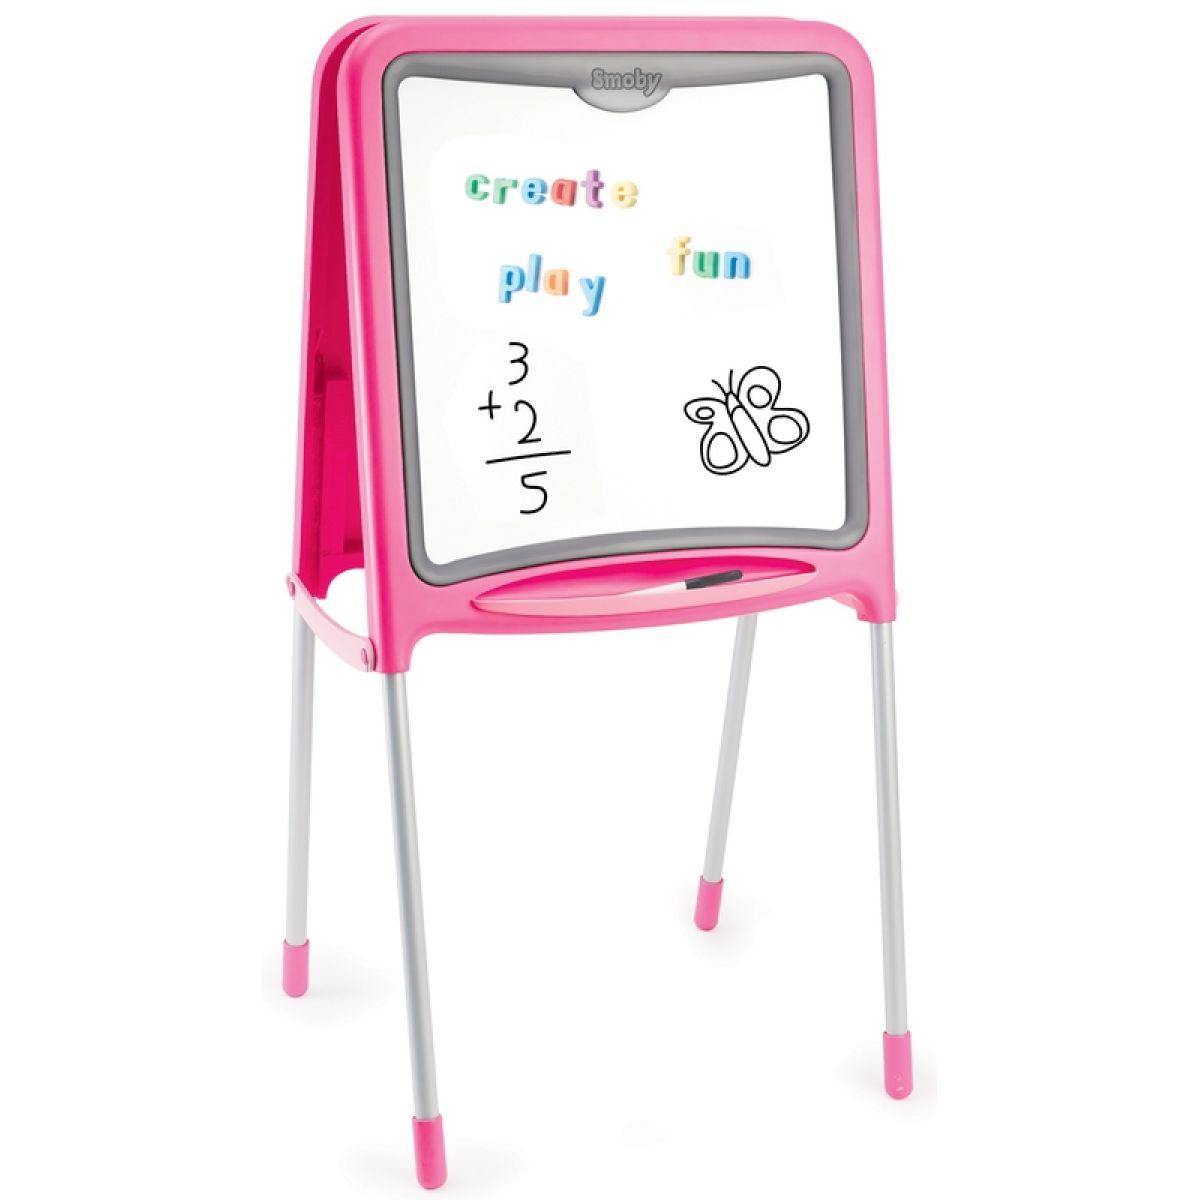 Smoby Kovová stojací tabule 2v1 125cm růžová